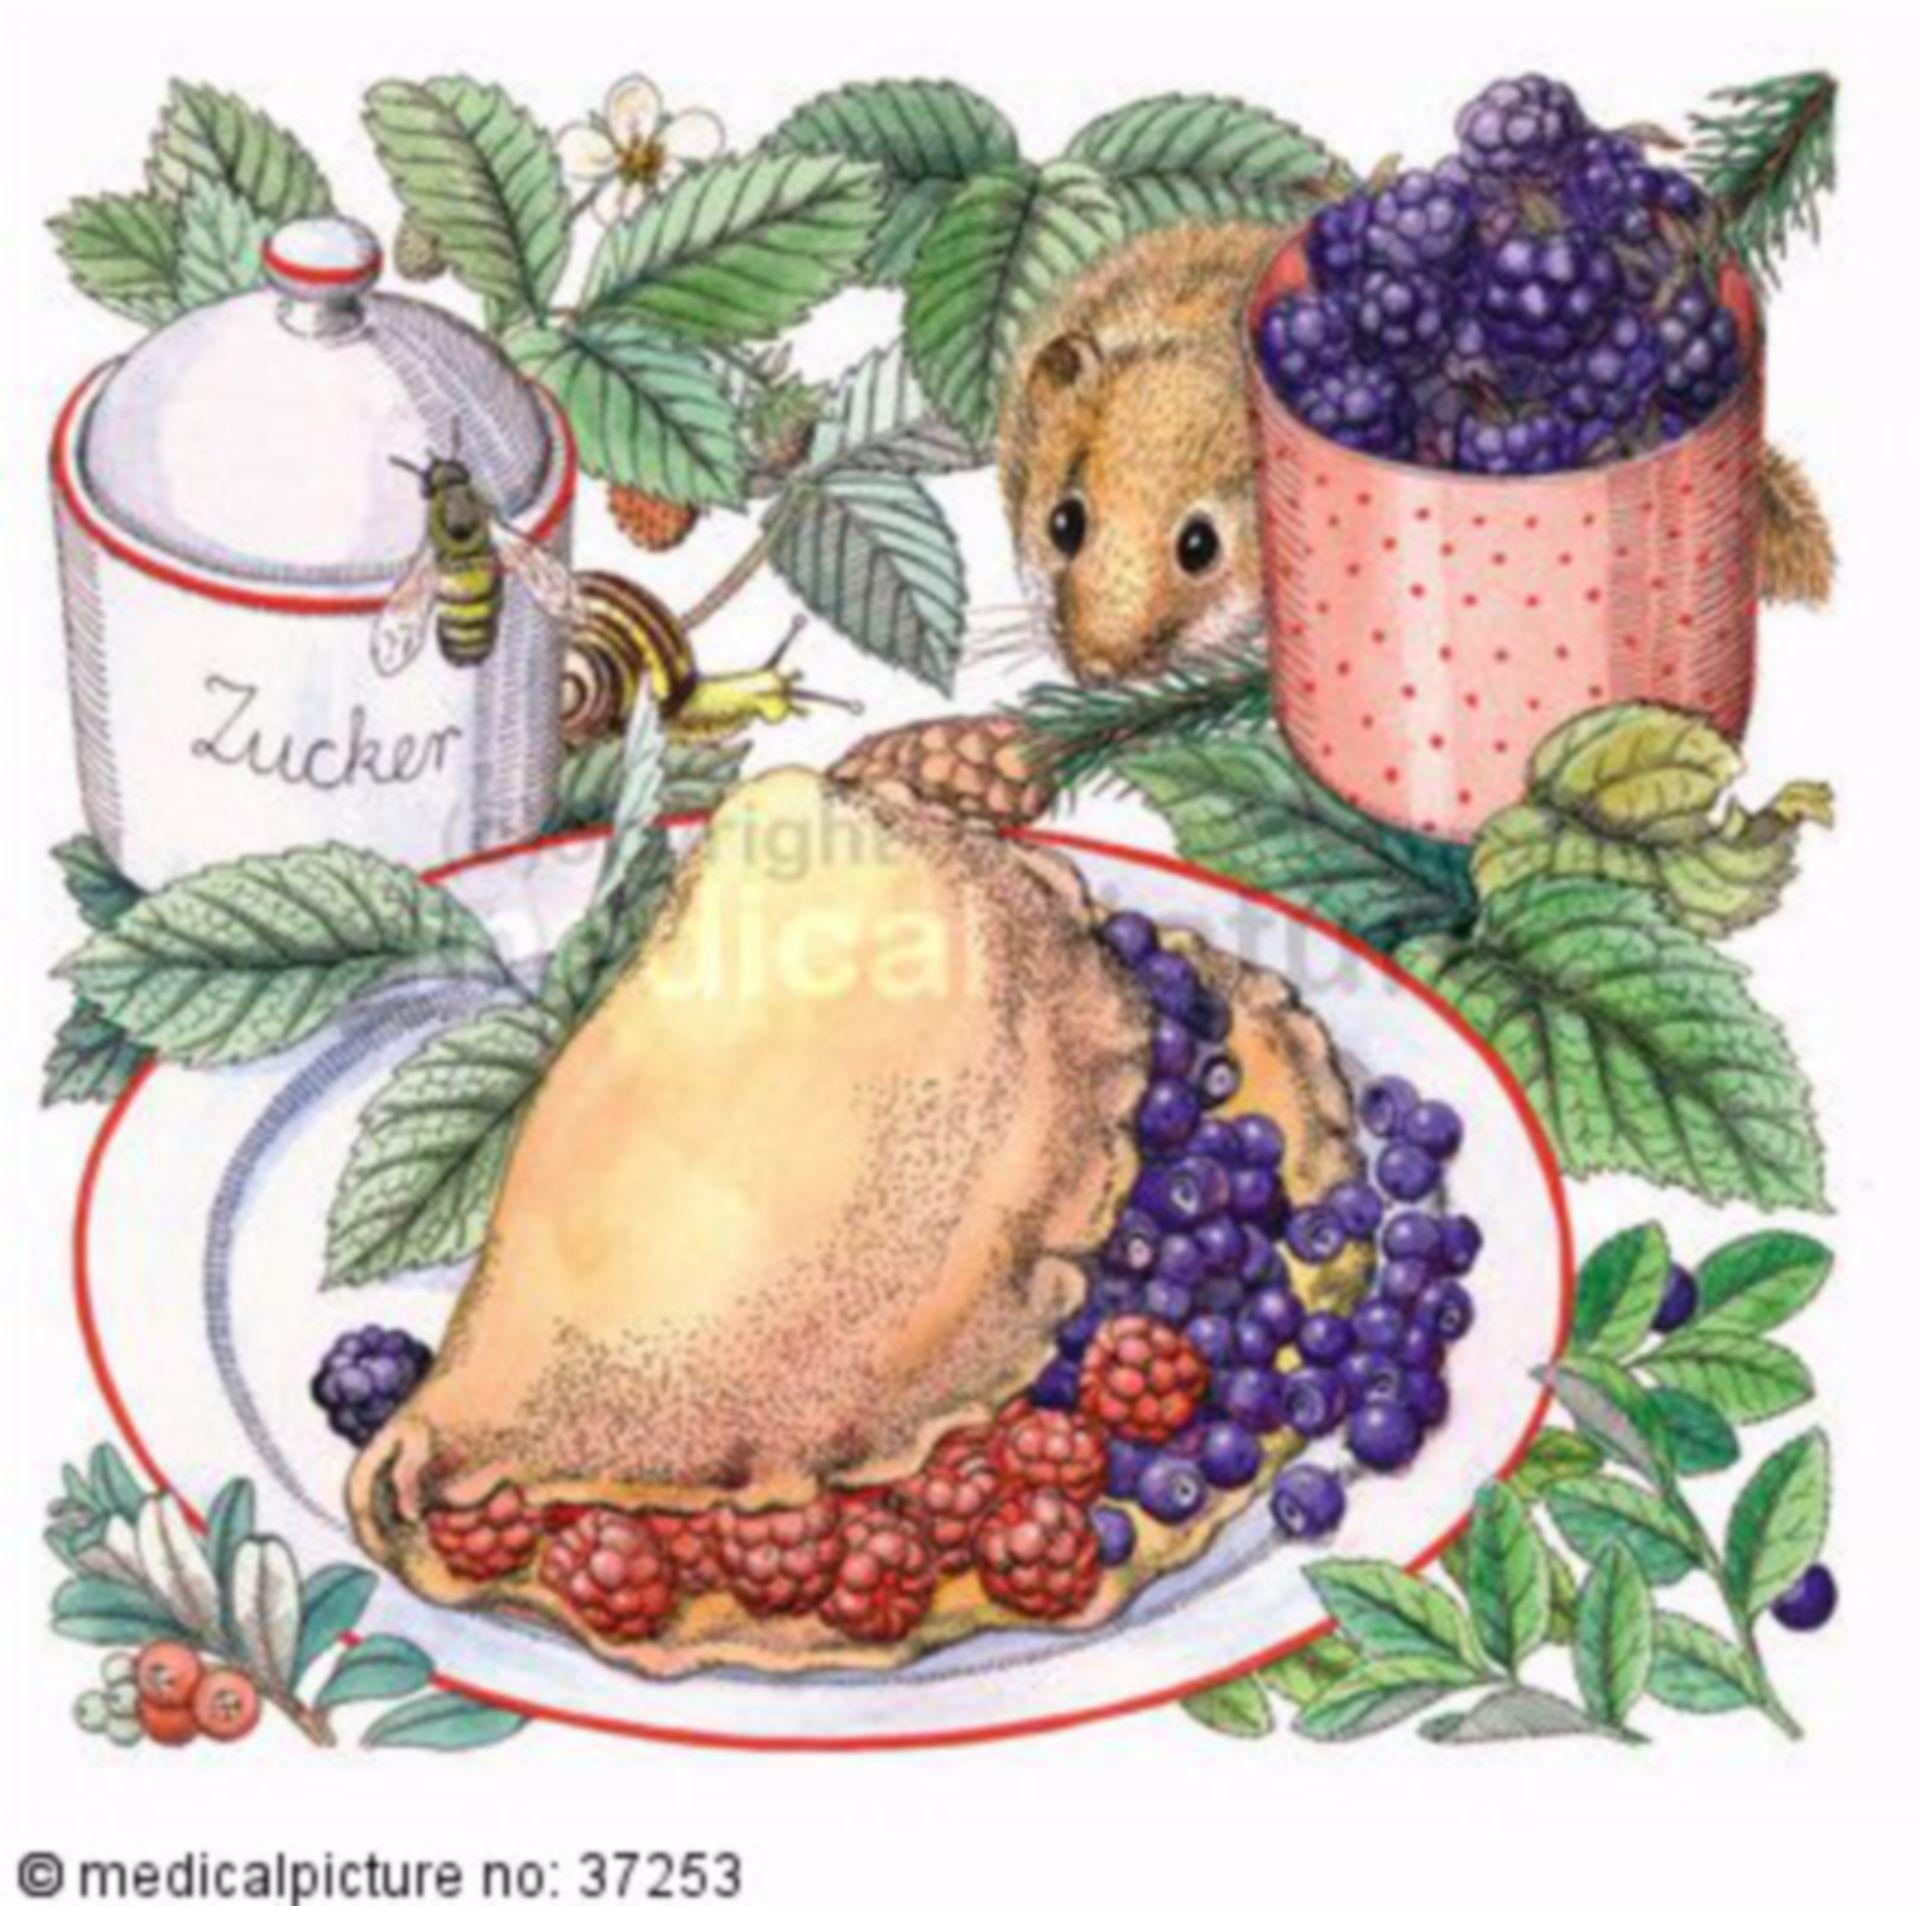 Nagetier, Haselmaus, Himbeere, Pfannkuchen